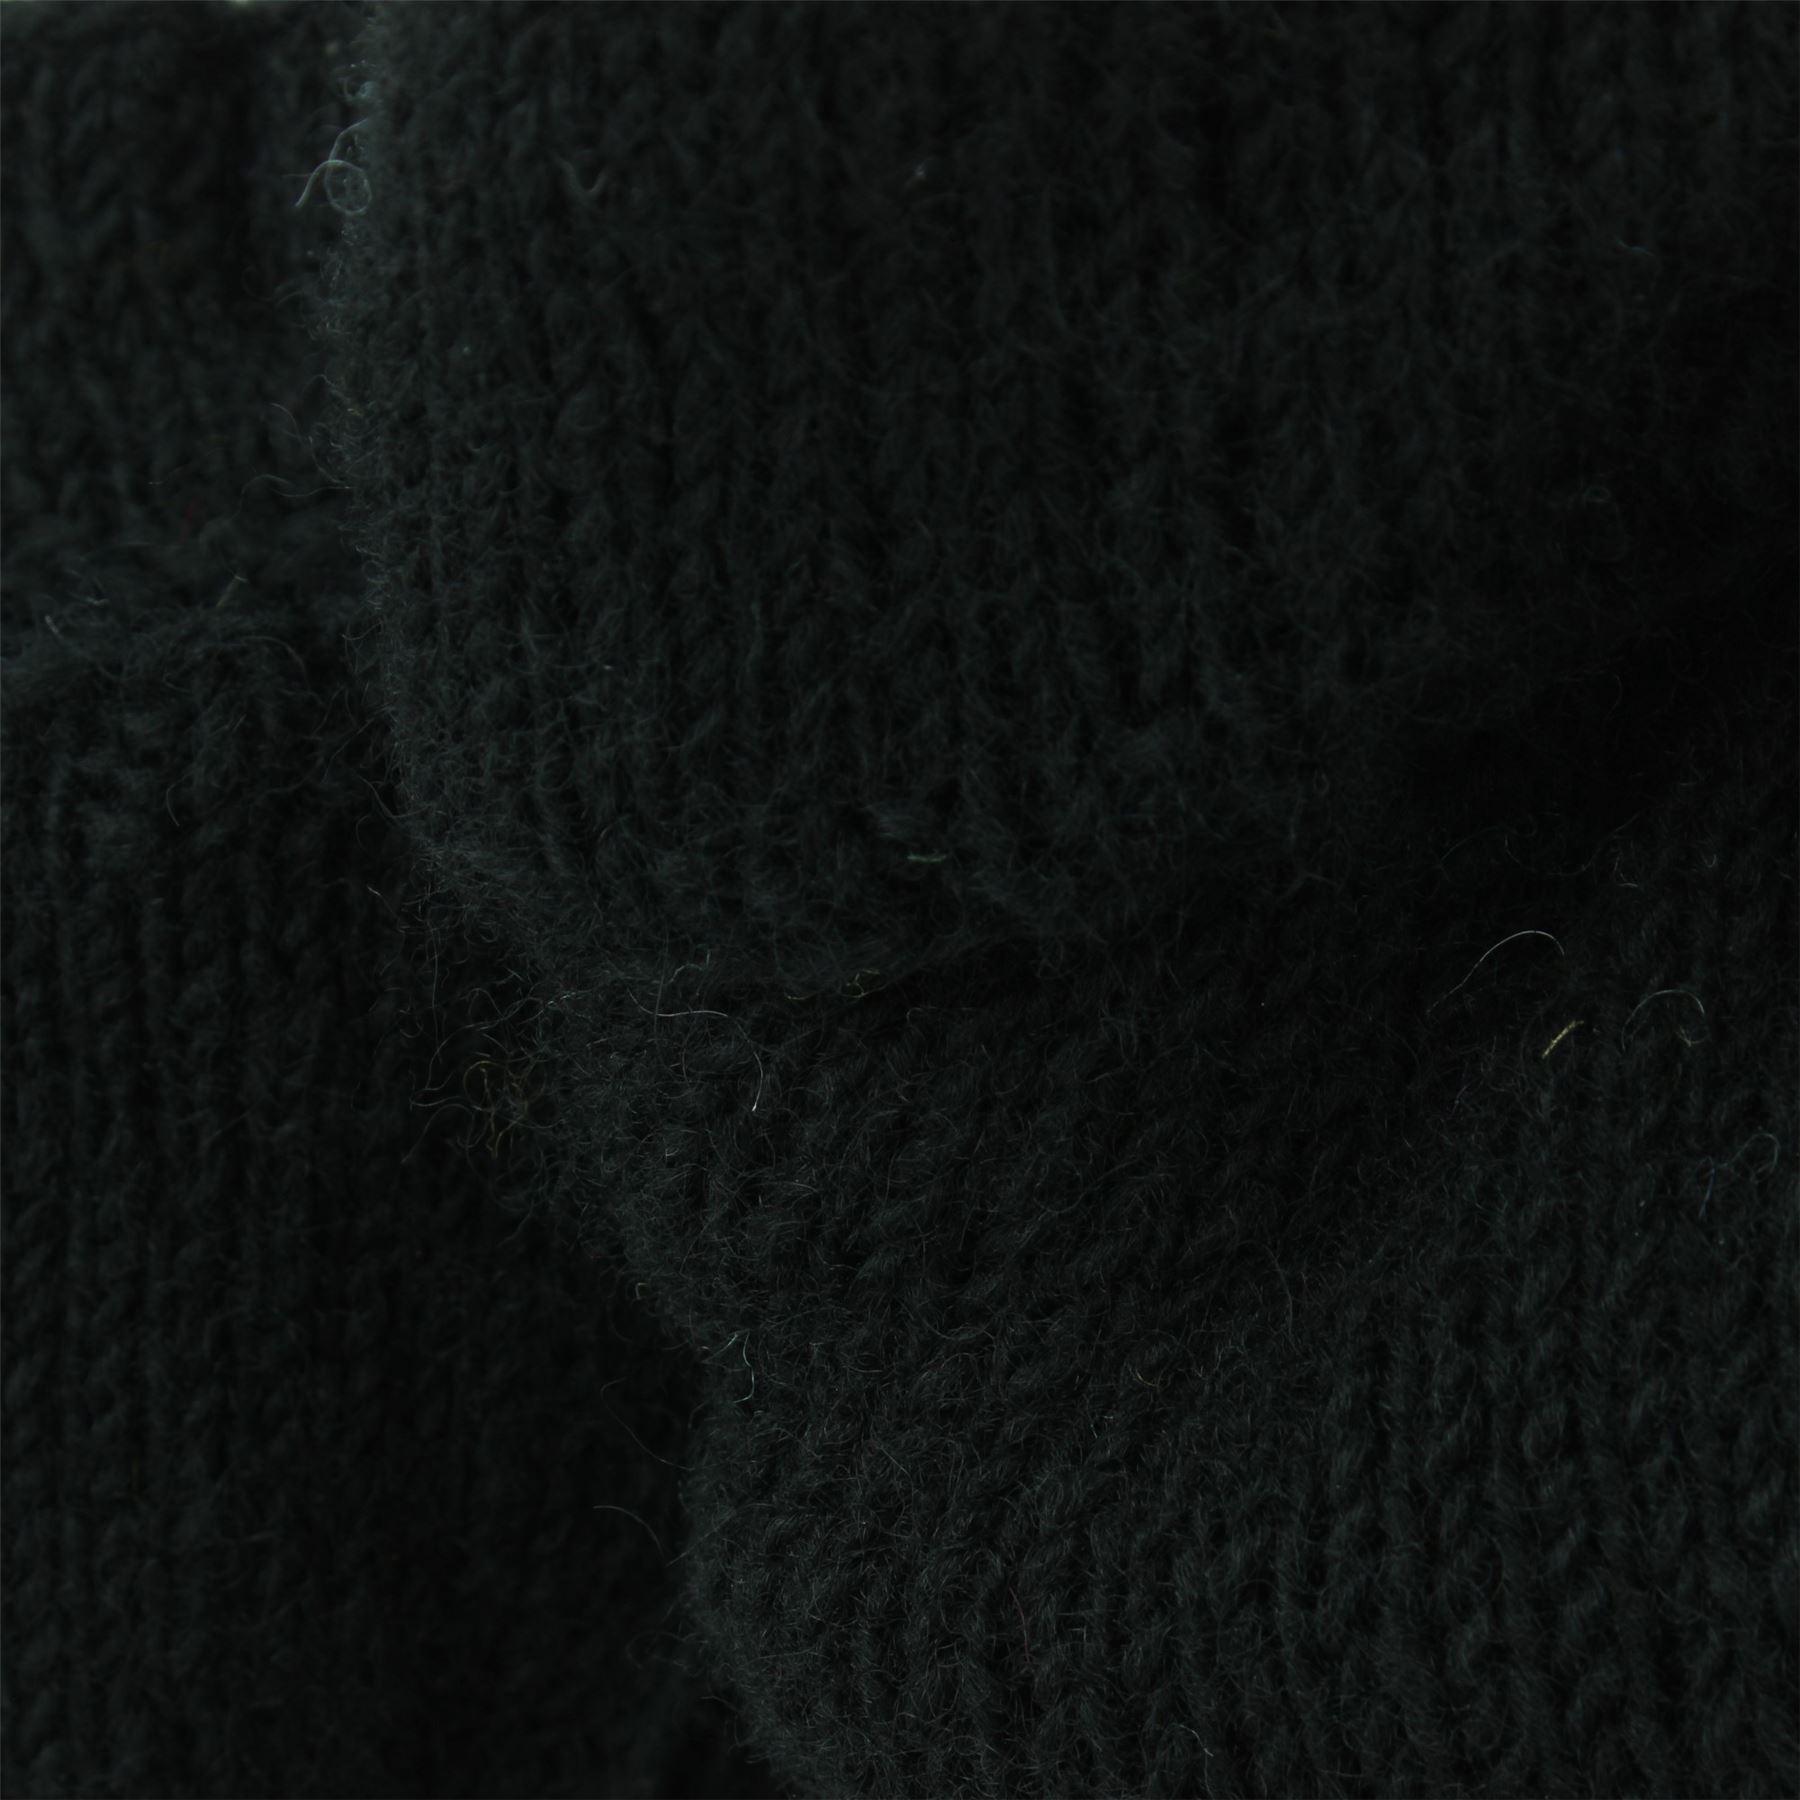 Wool-Gloves-Mittens-Fingerless-Shooter-Lined-PLAIN-Knit-Handmade-LoudElephant miniatura 3